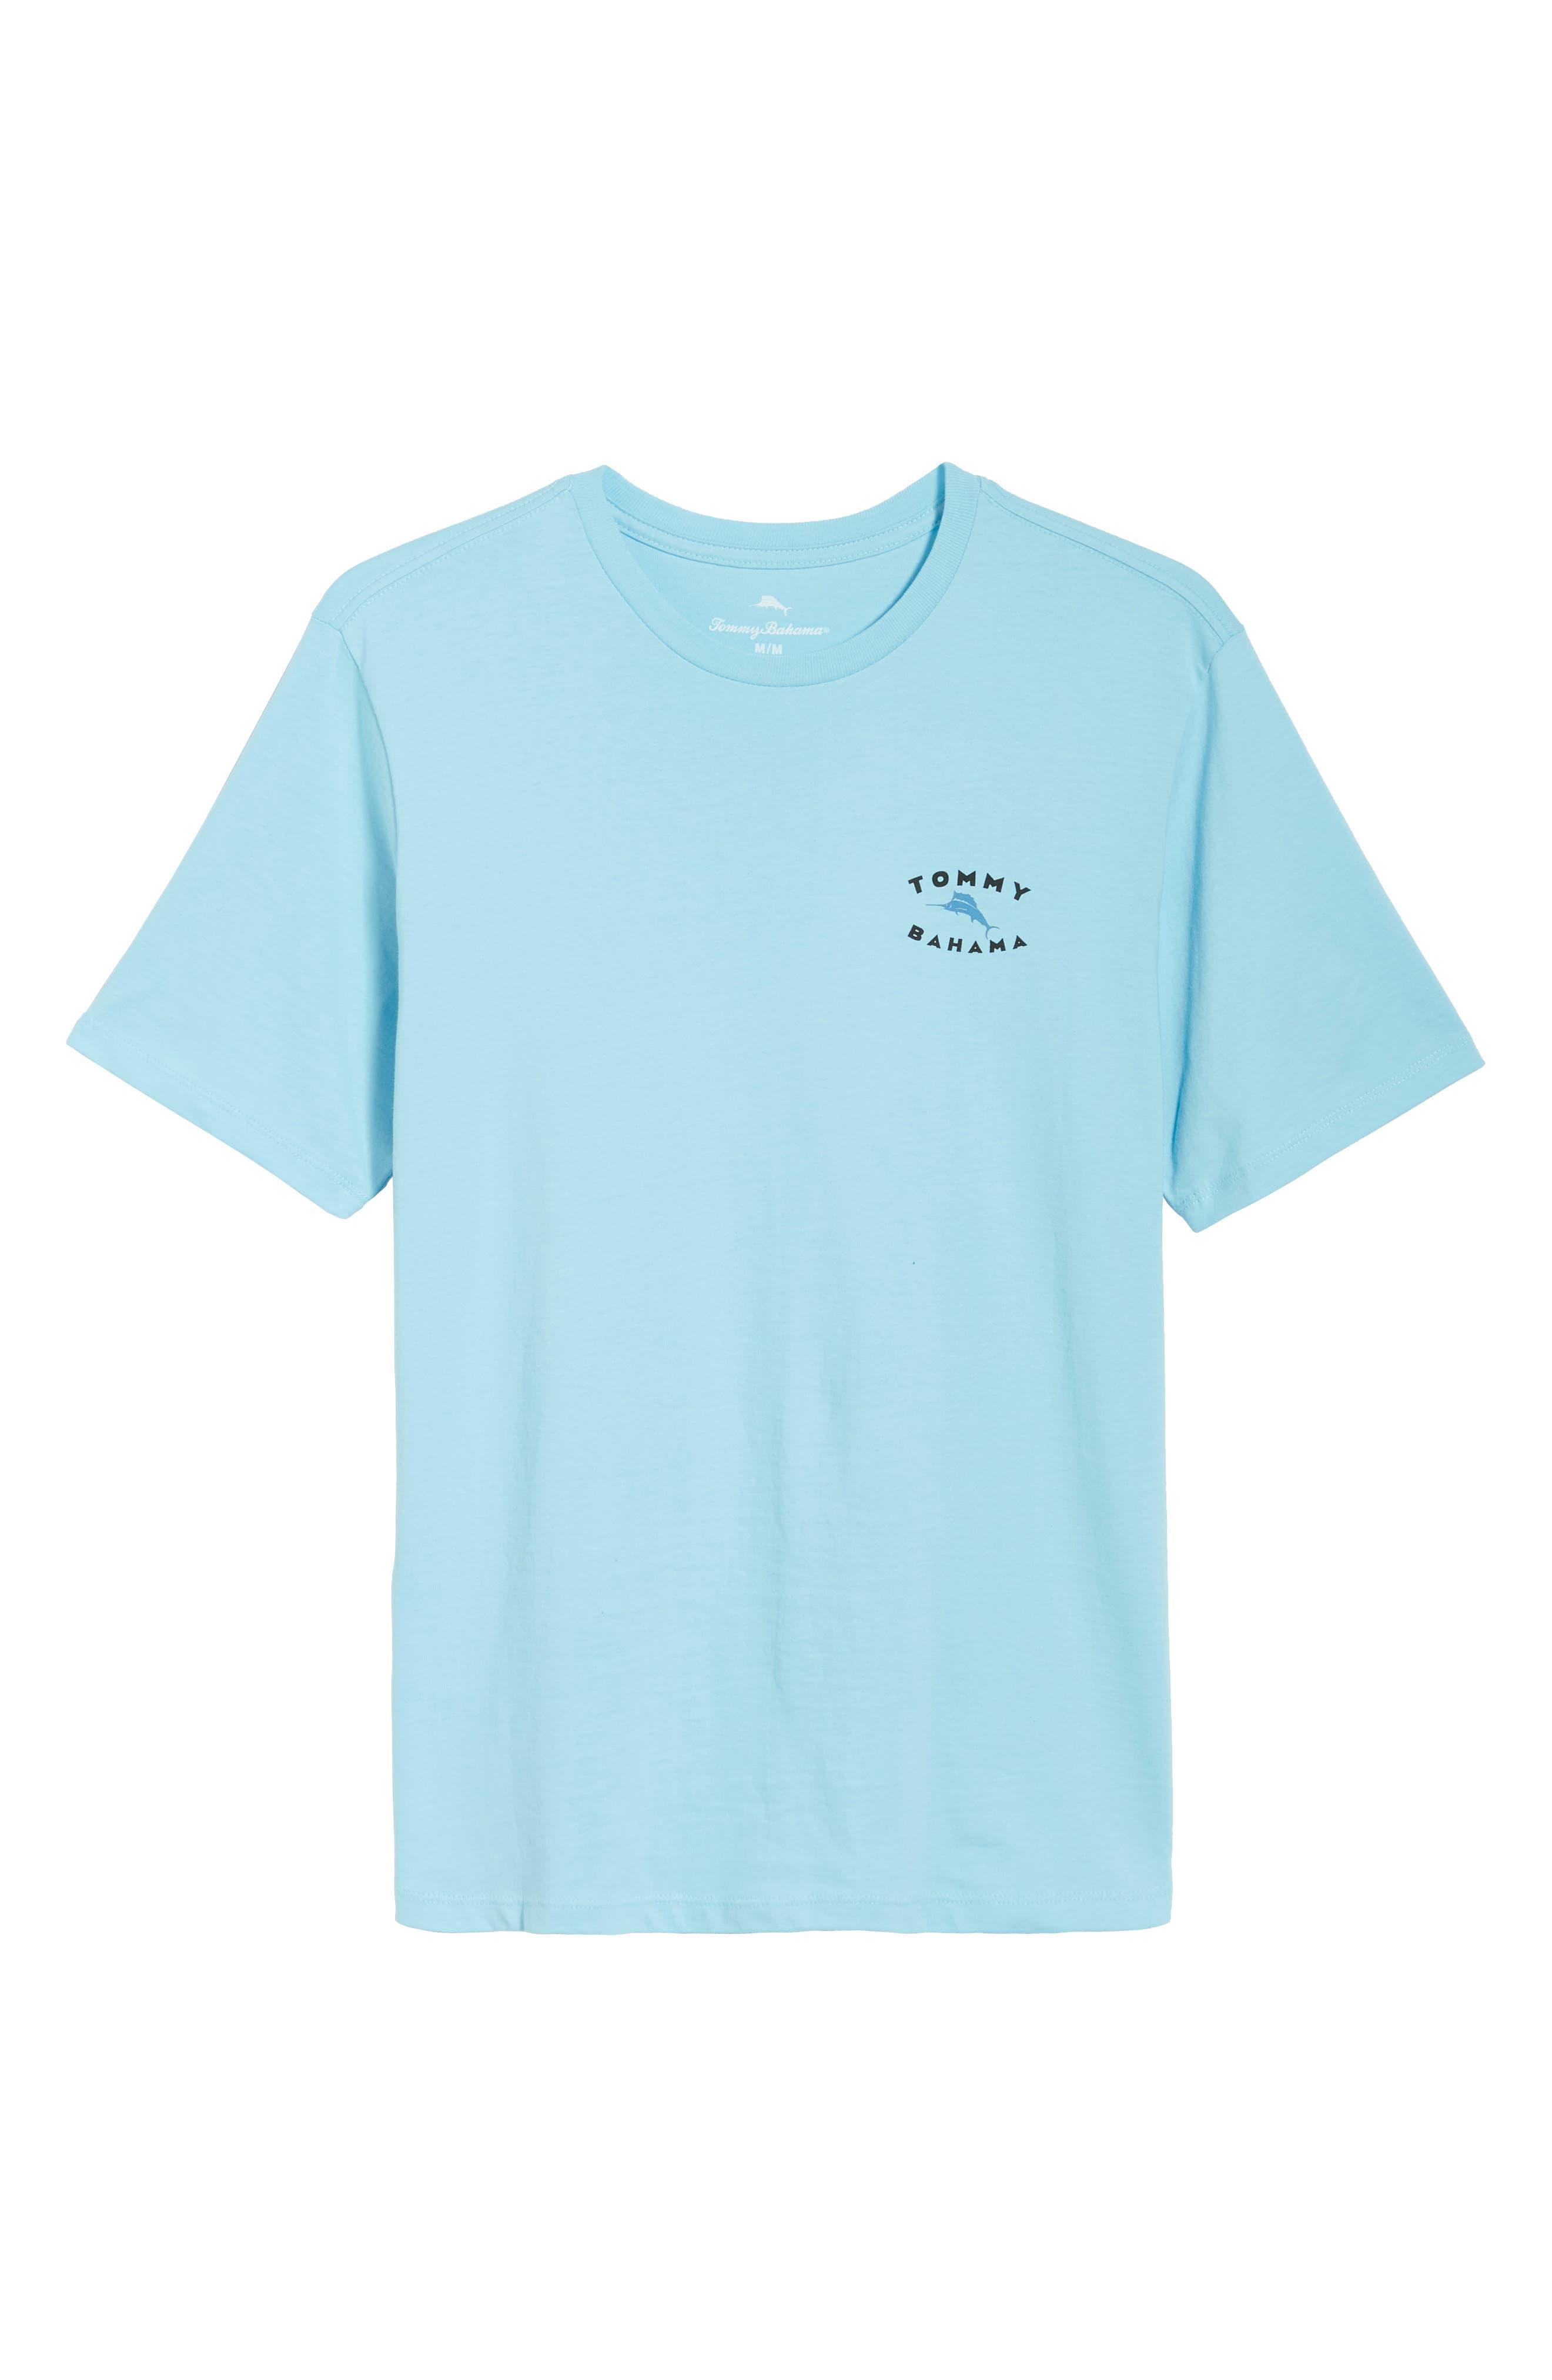 Complete Transparency T-Shirt,                             Alternate thumbnail 6, color,                             Bowtie Blue